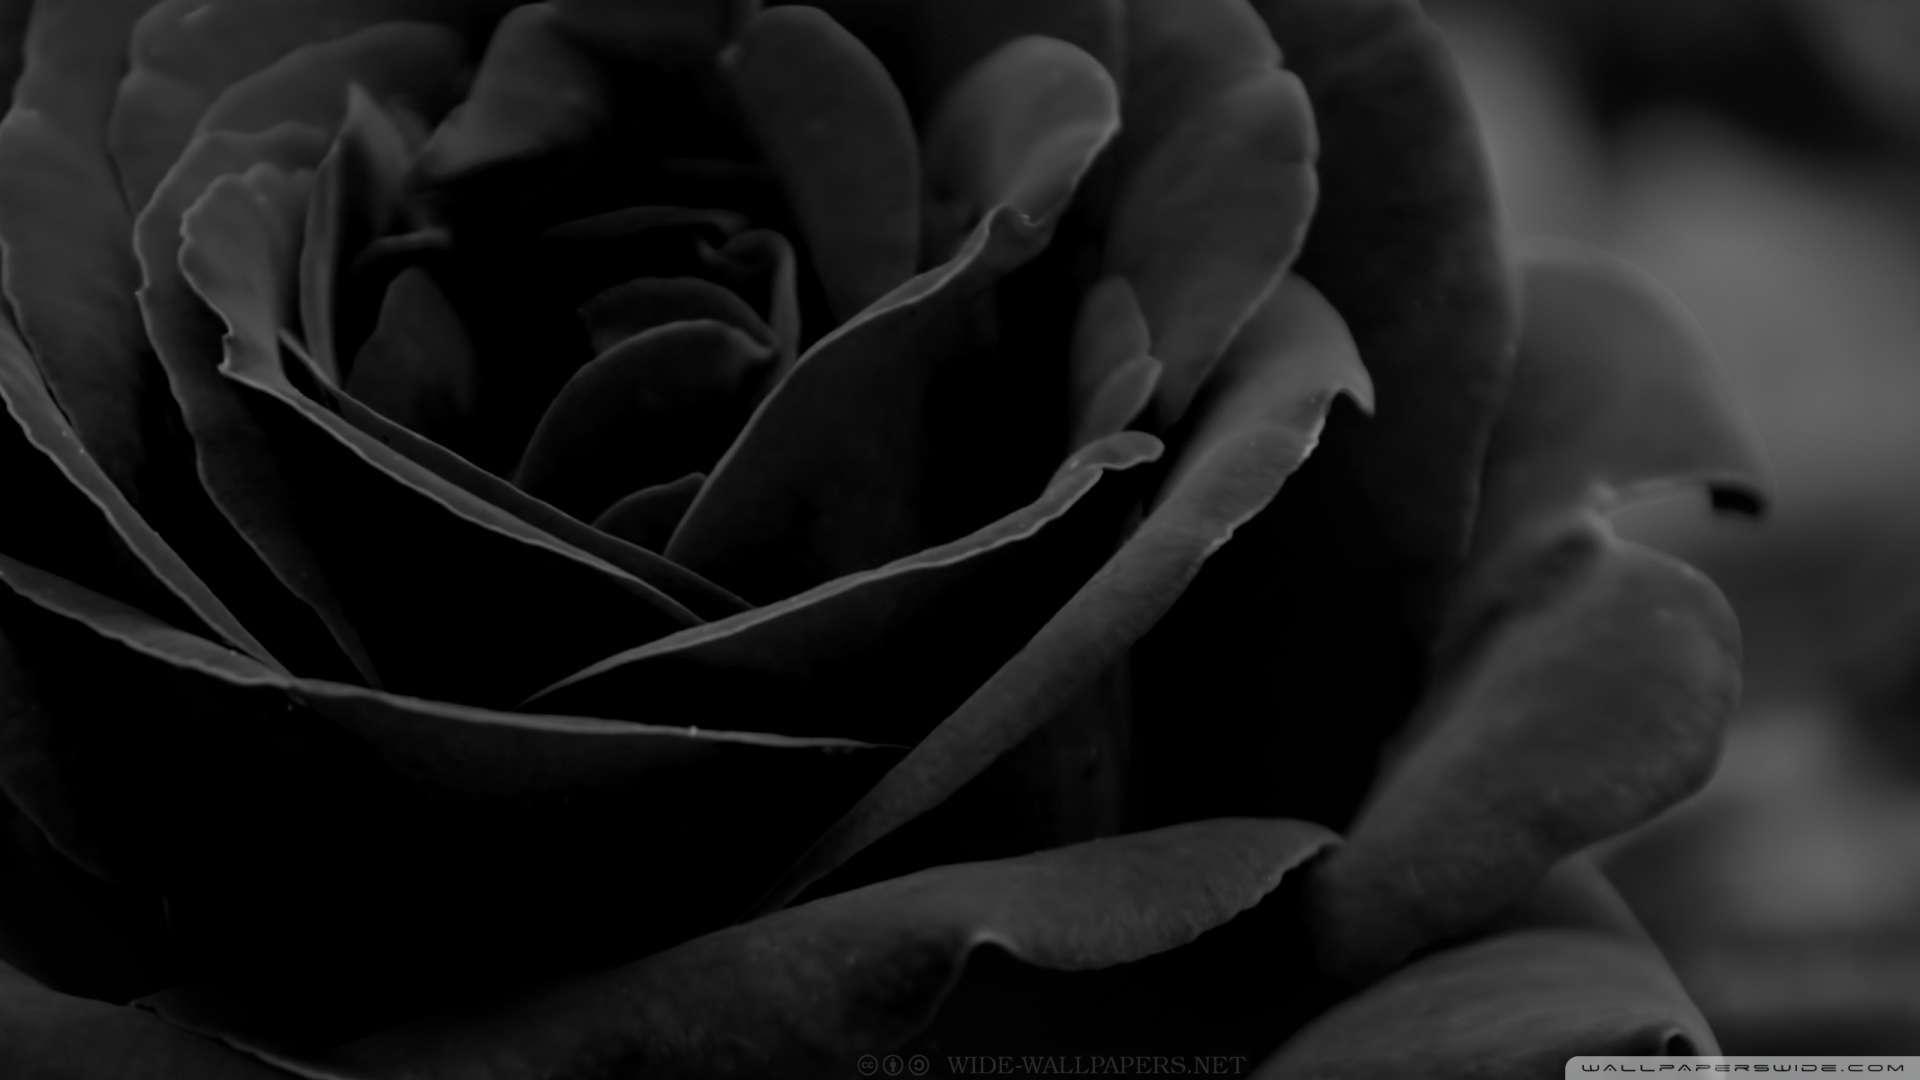 Hd wallpaper upload - Wallpaper Black Rose 3 Wallpaper 1080p Hd Upload At December 31